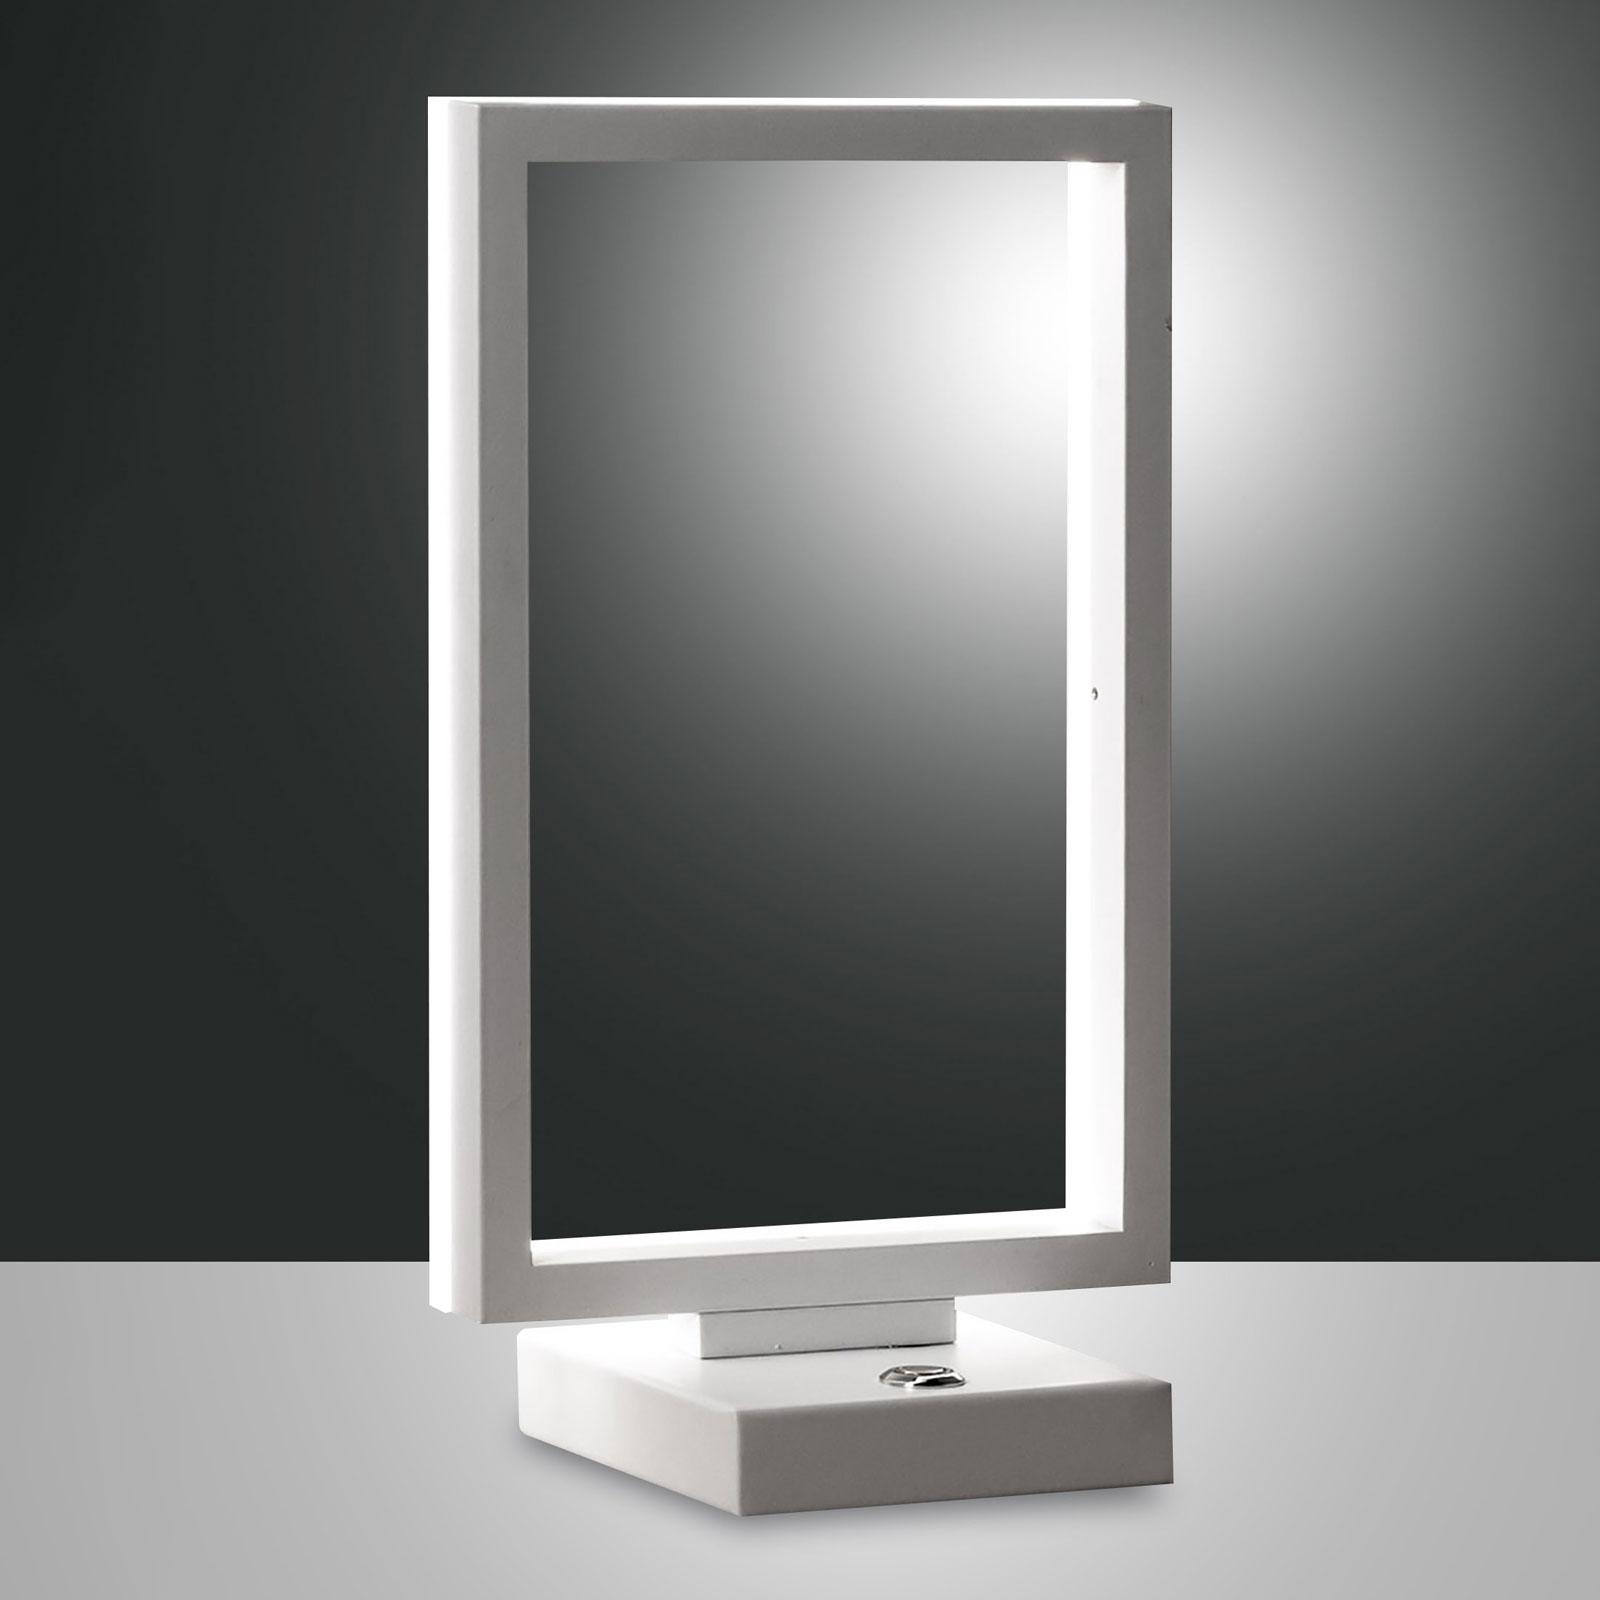 LED-Tischleuchte Bard, dimmbar, in Weiß